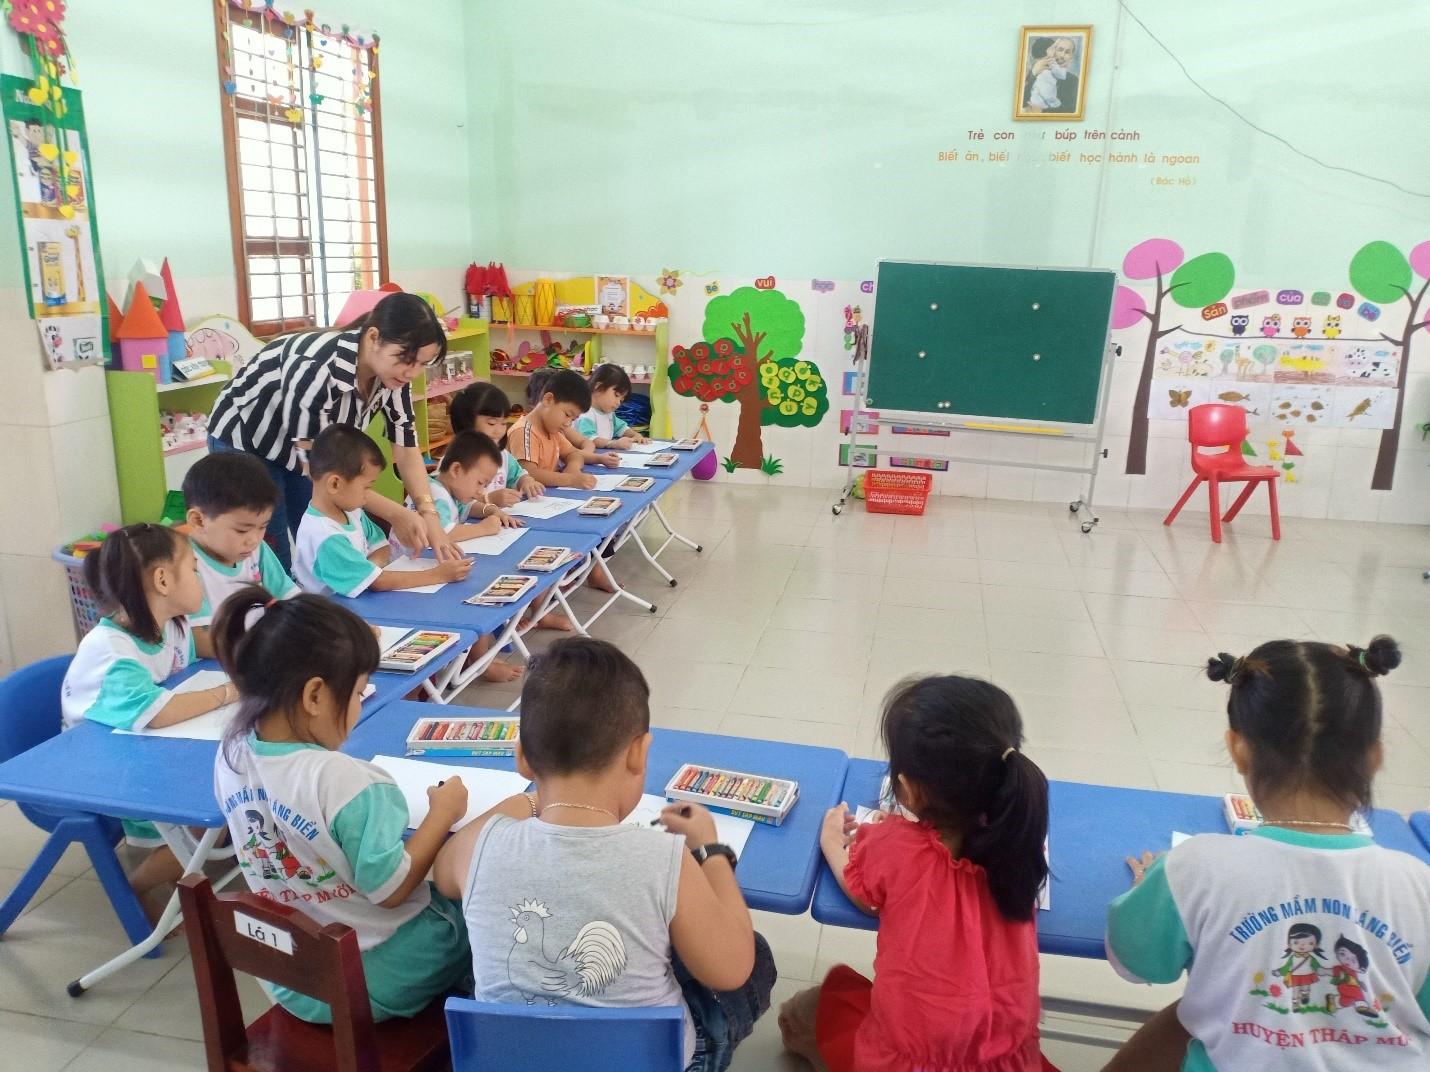 Cô giáo quan sát và giúp đỡ những trẻ còn yếu